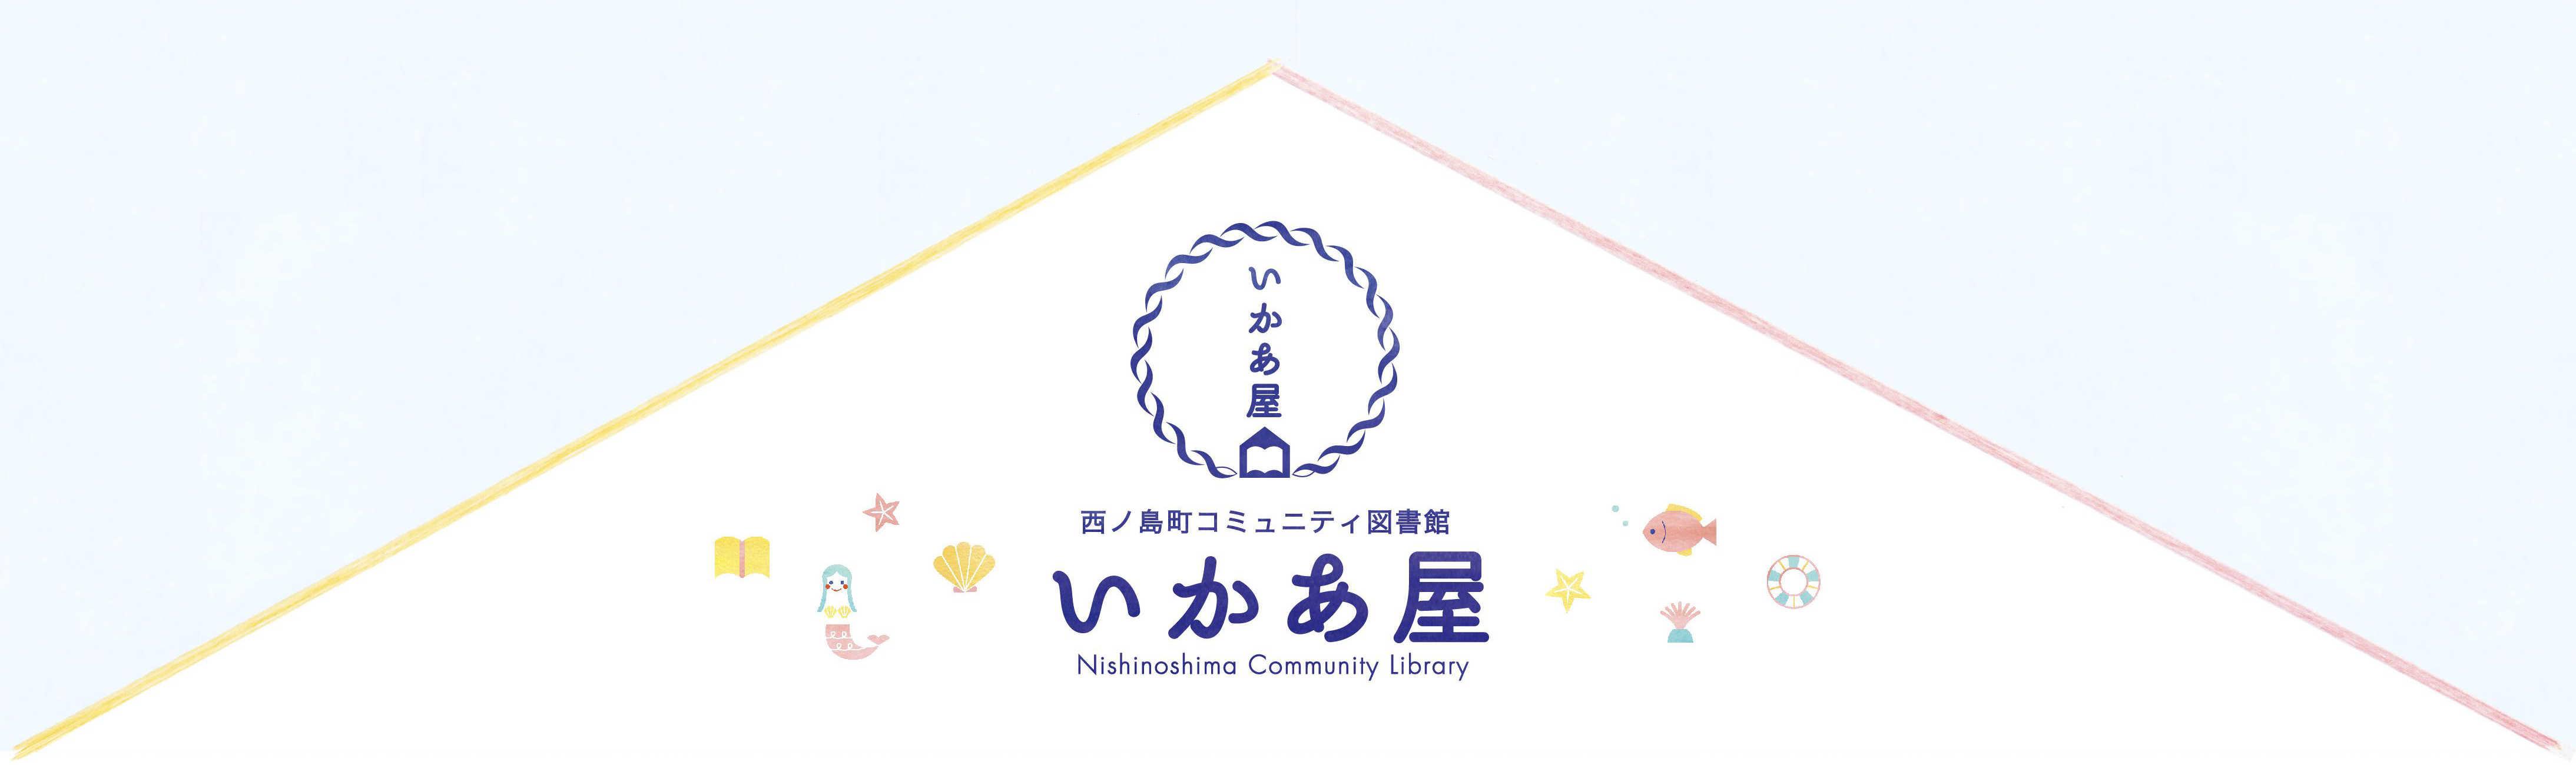 西ノ島町コミュニティ図書館いかあ屋